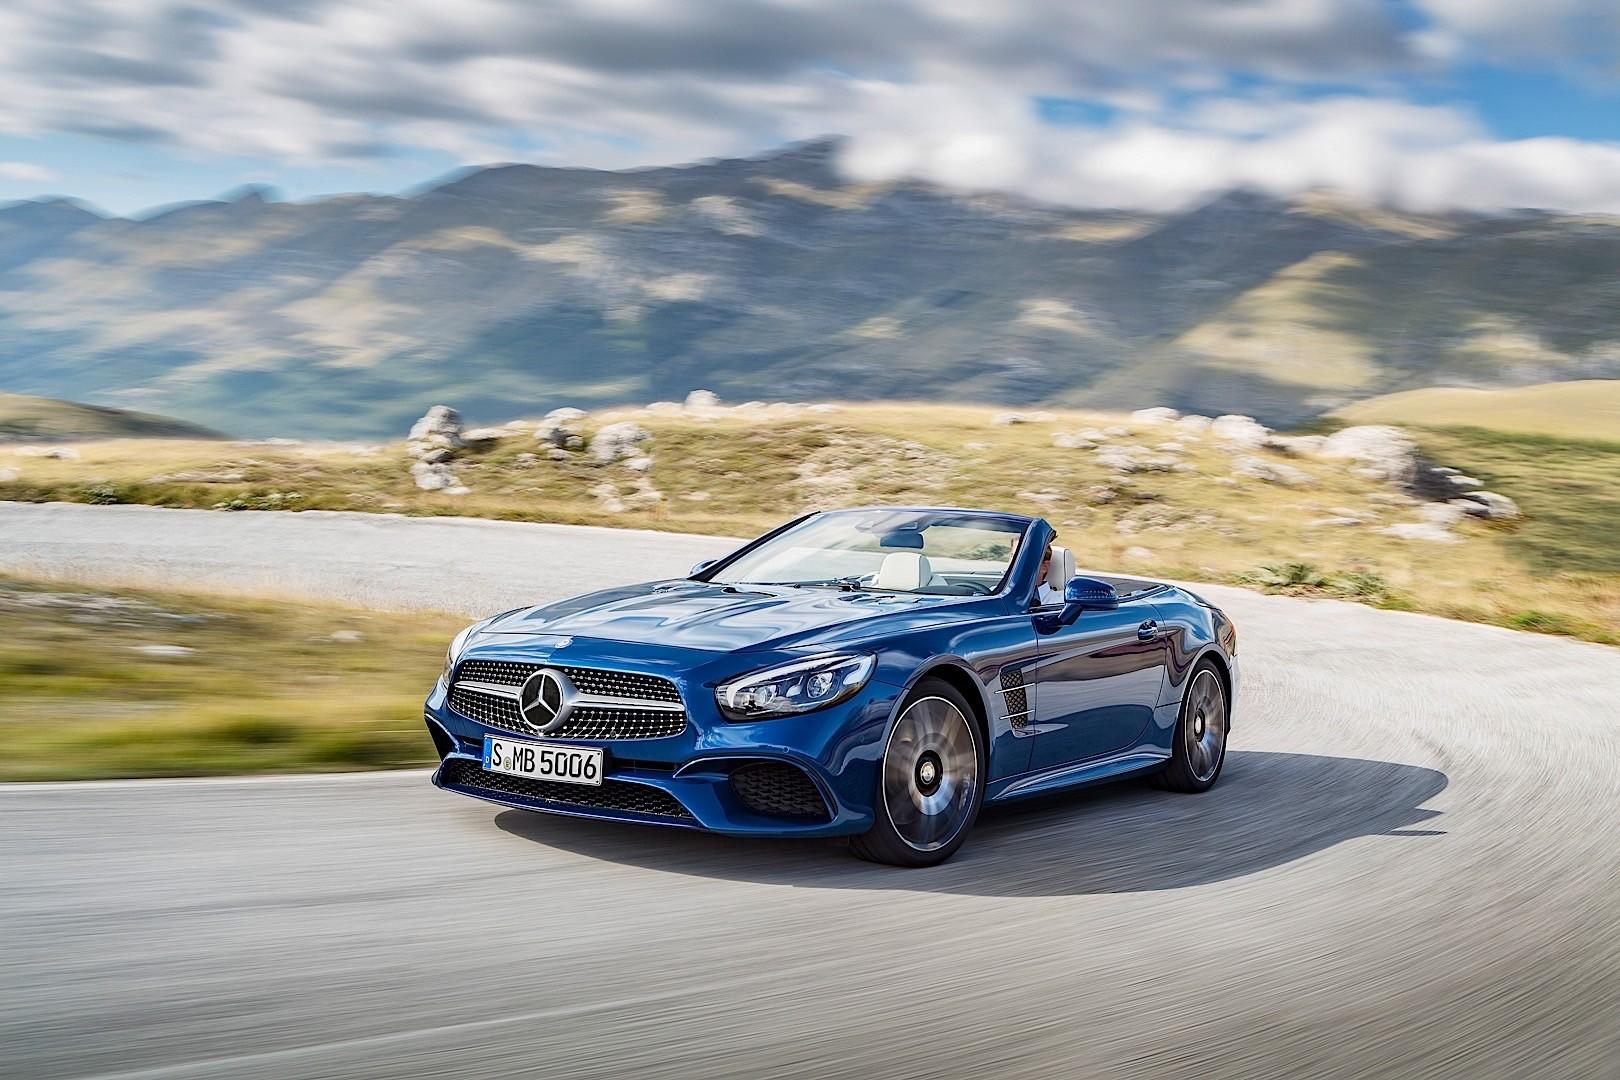 2021 Mercedes SL R232 To Get Mercedes-AMG 73 Plug-In ...